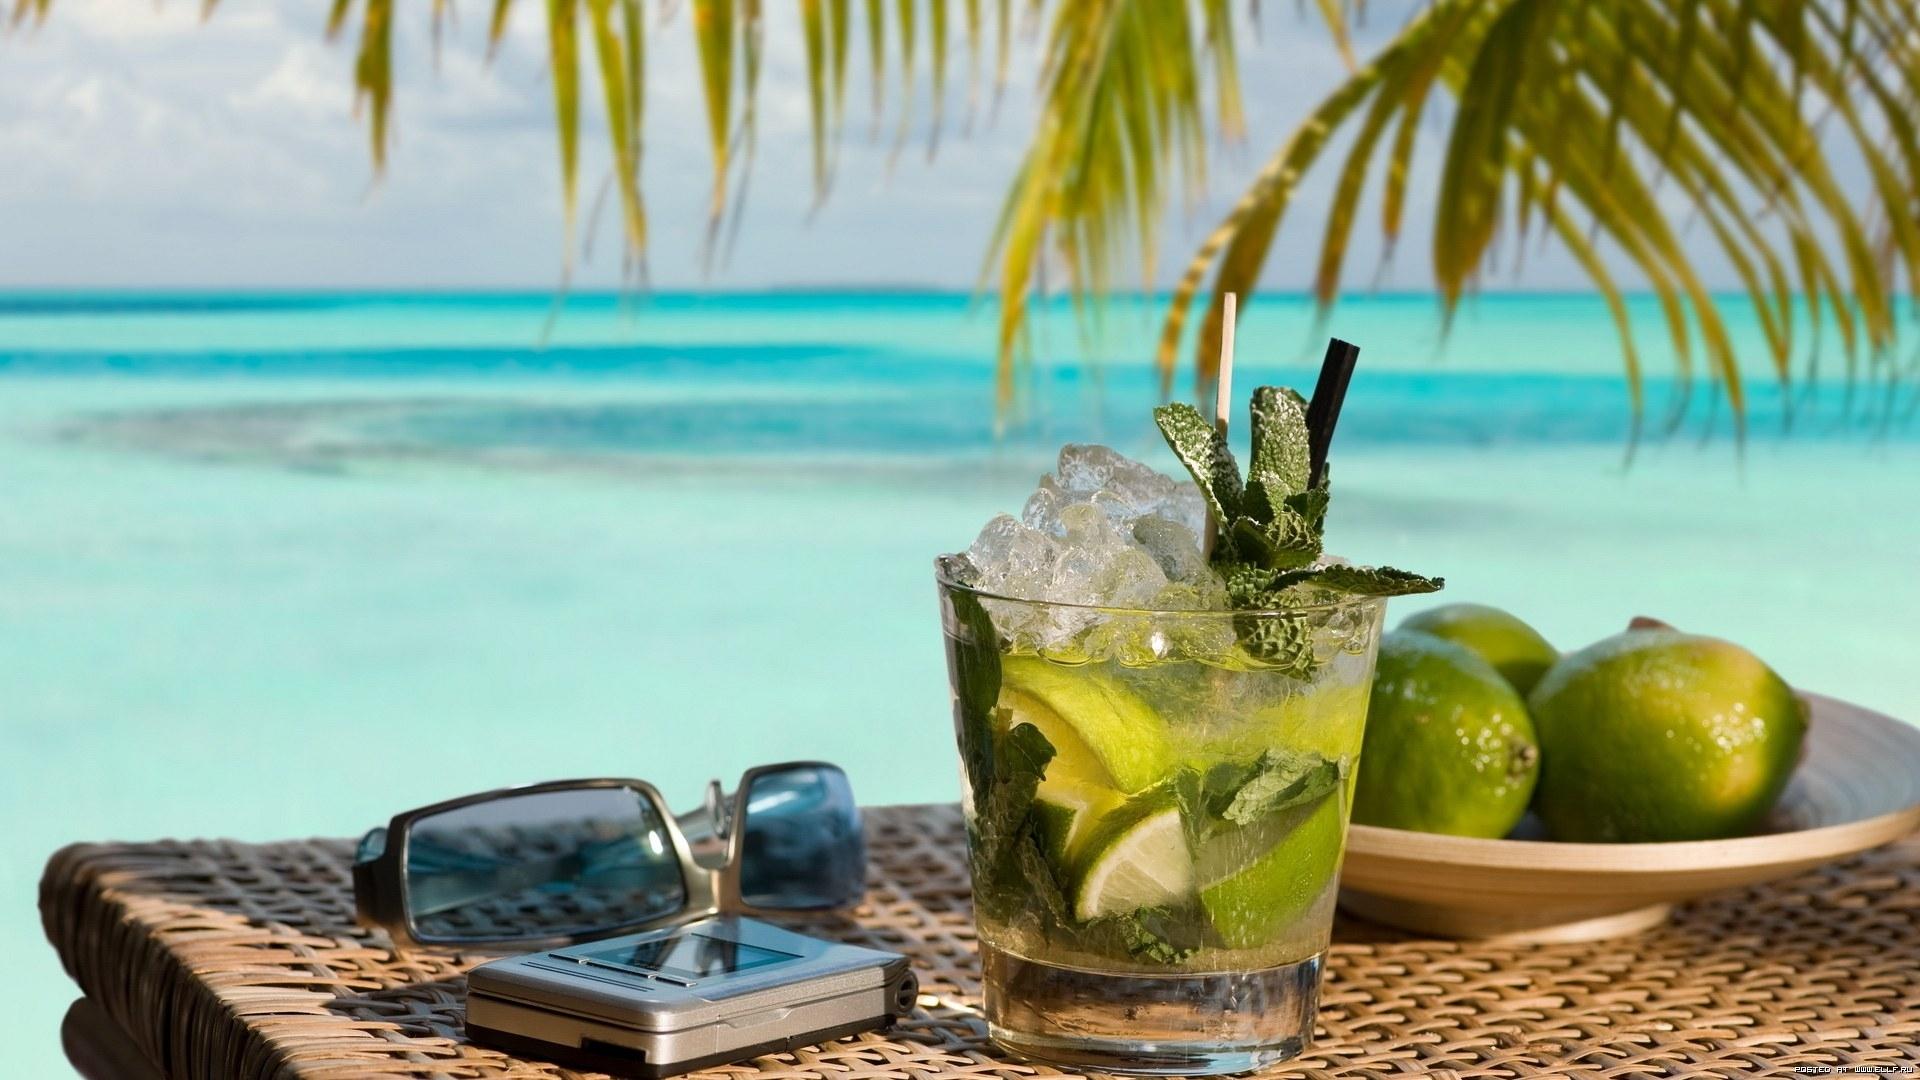 25918 скачать обои Пейзаж, Еда, Море, Лимоны, Пляж, Напитки - заставки и картинки бесплатно